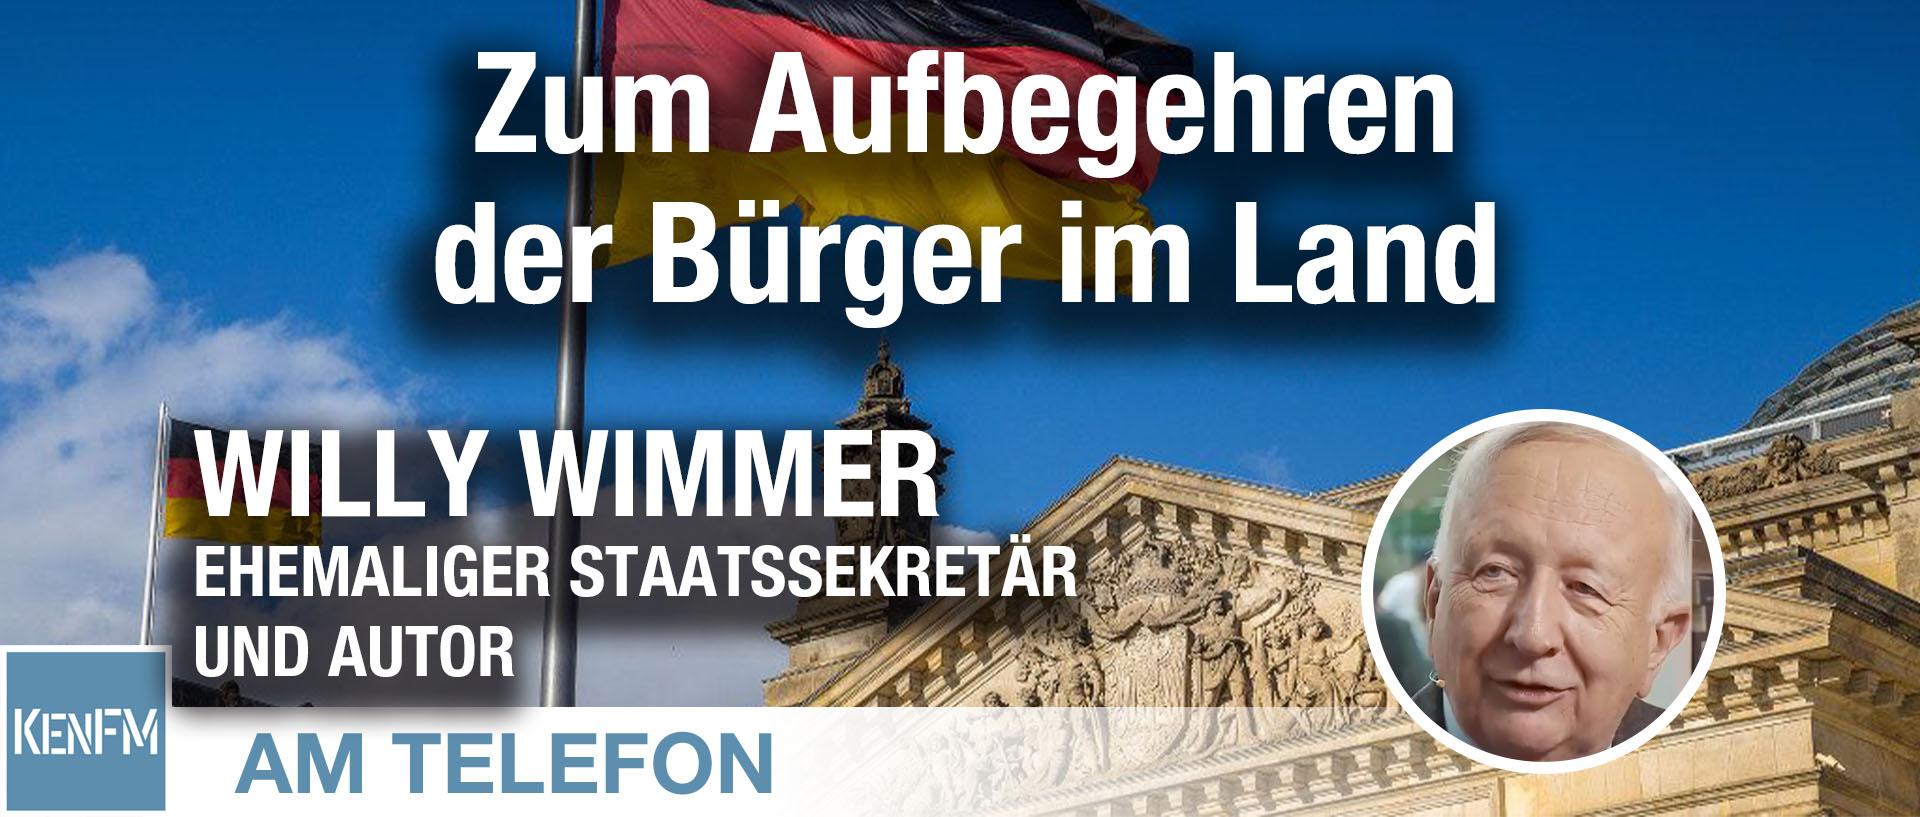 am-telefon-zum-aufbegehren-der-burger-im-land:-willy-wimmer-|-kenfm.de